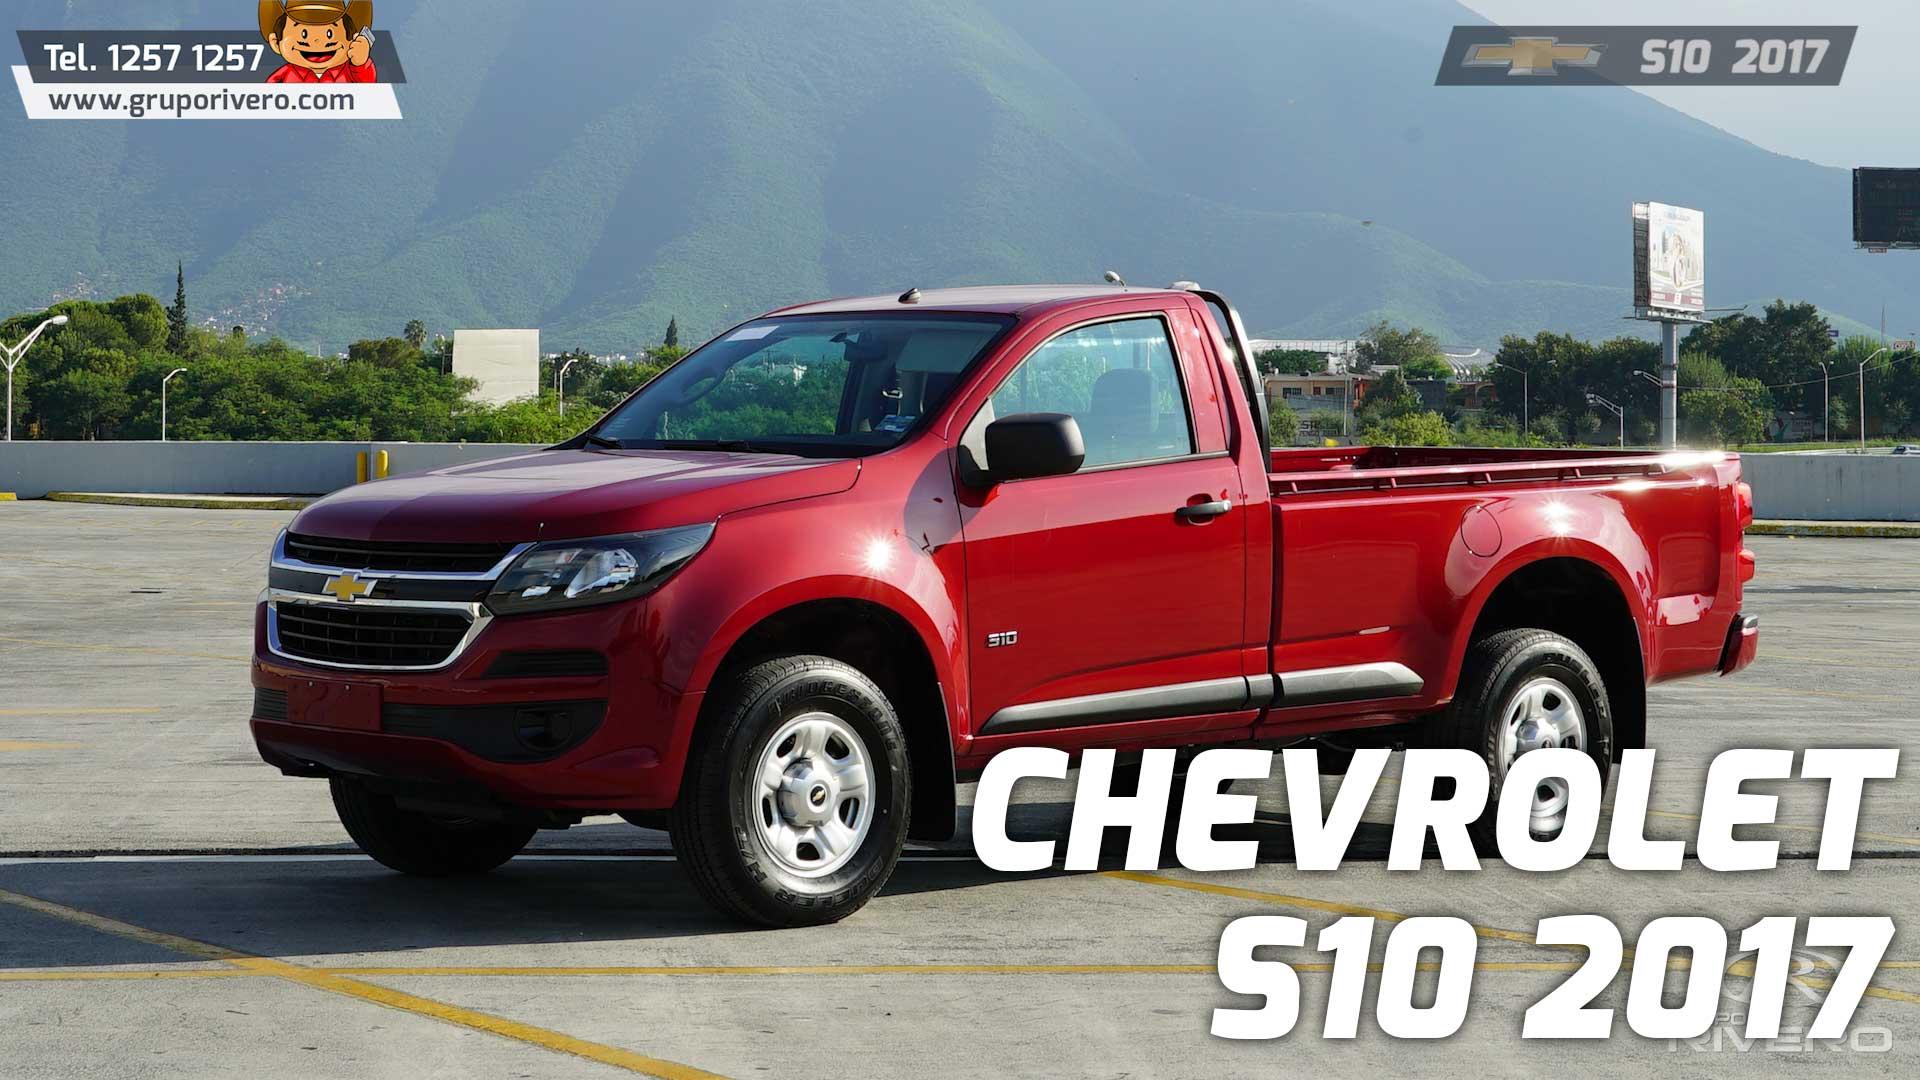 Chevrolet S10 2017 En Monterrey Tiene Todo El Poder Que